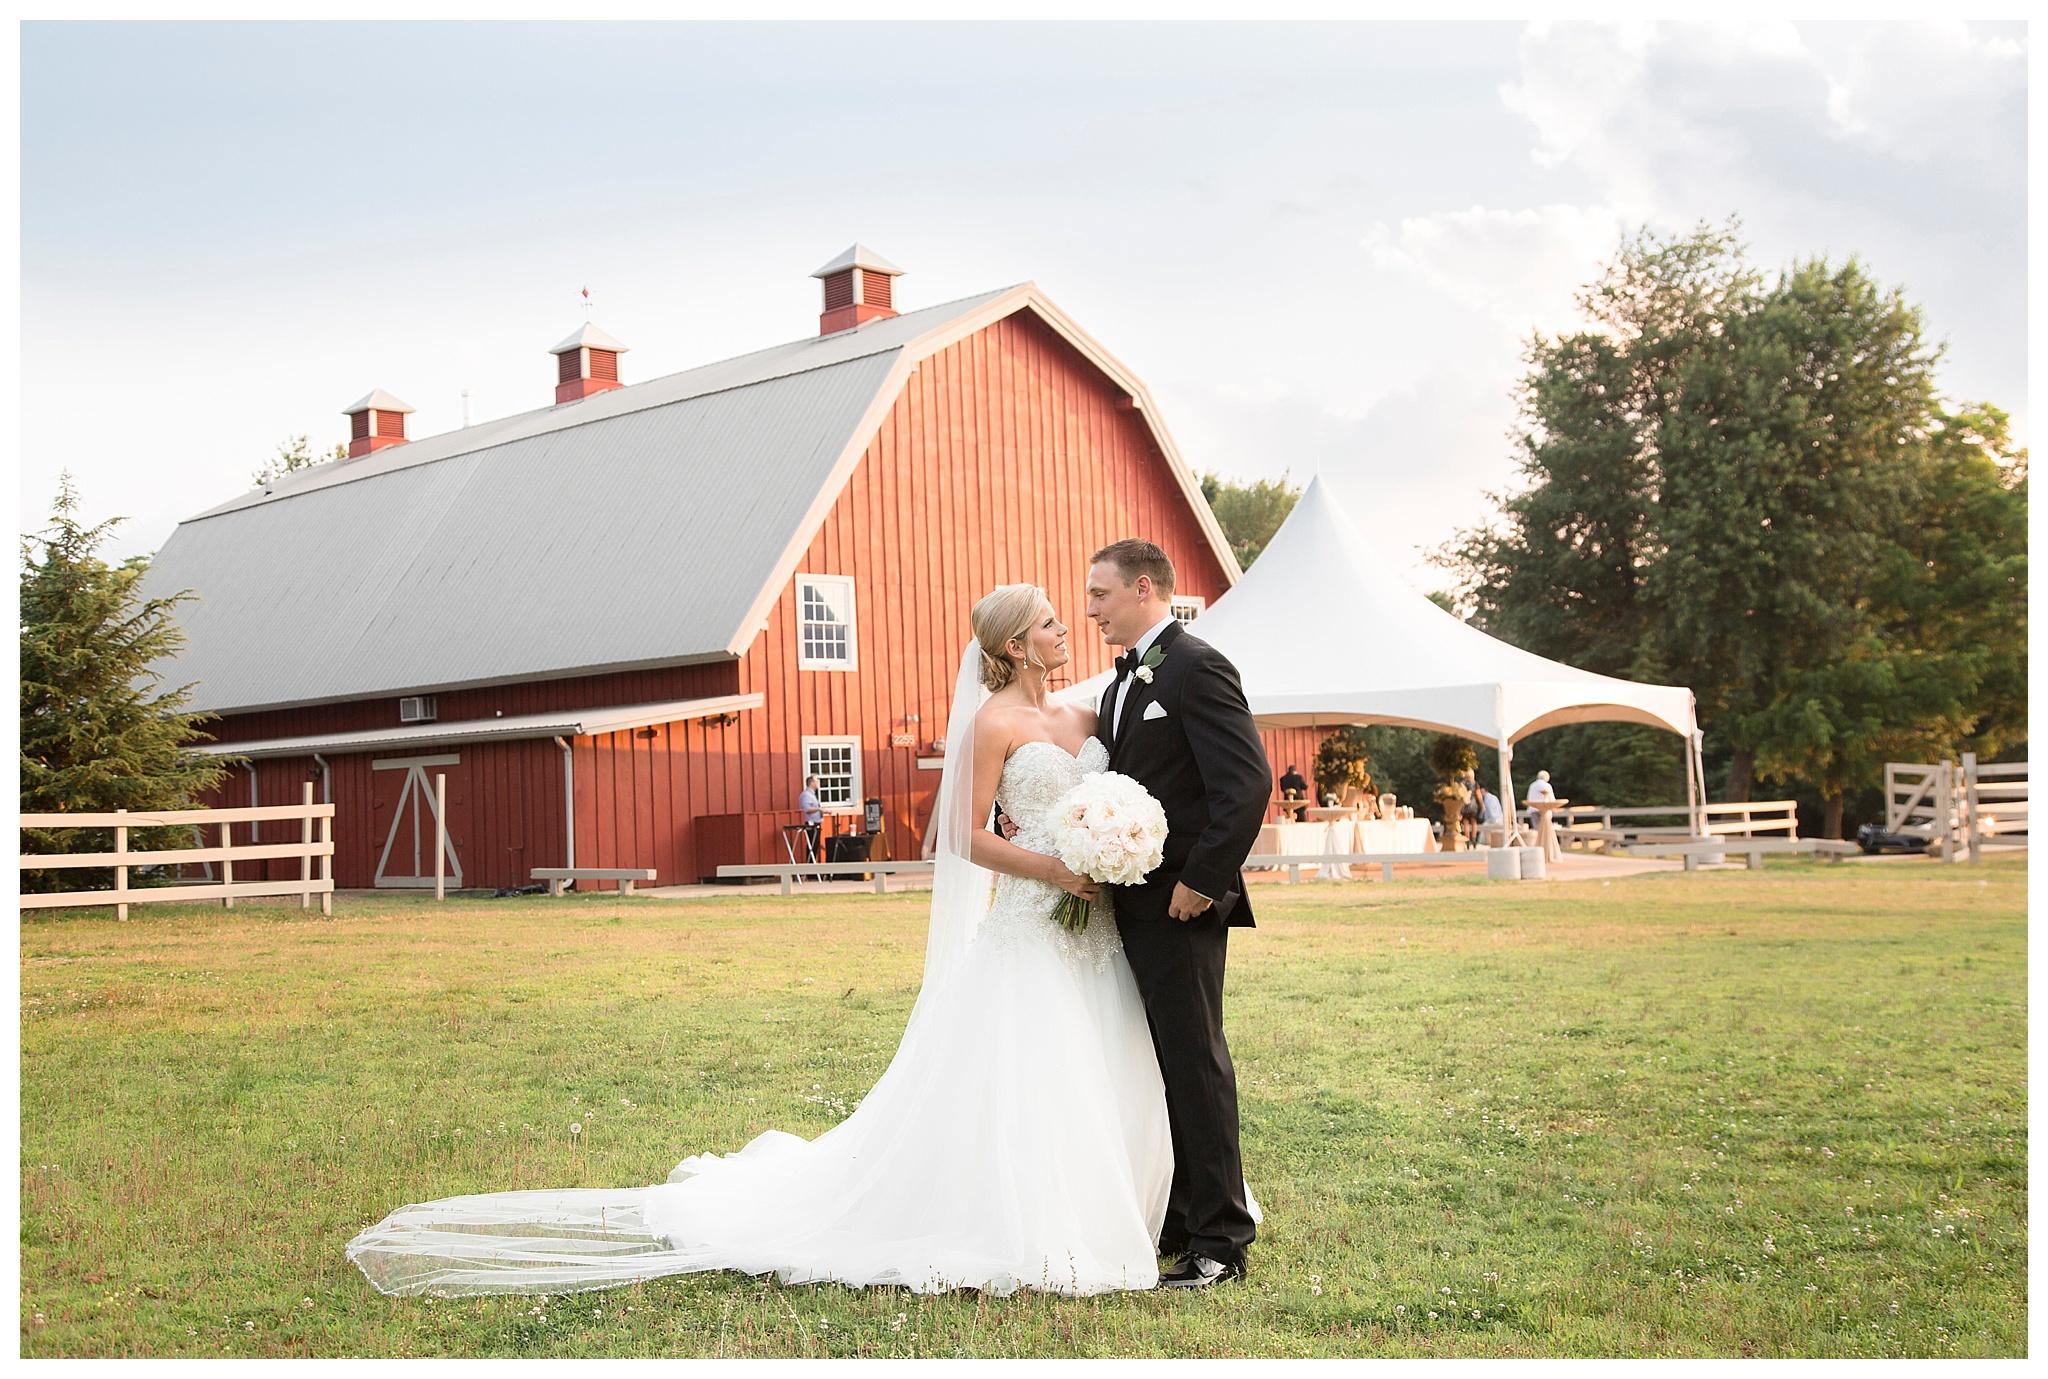 Eventures wedding rentals — Blog